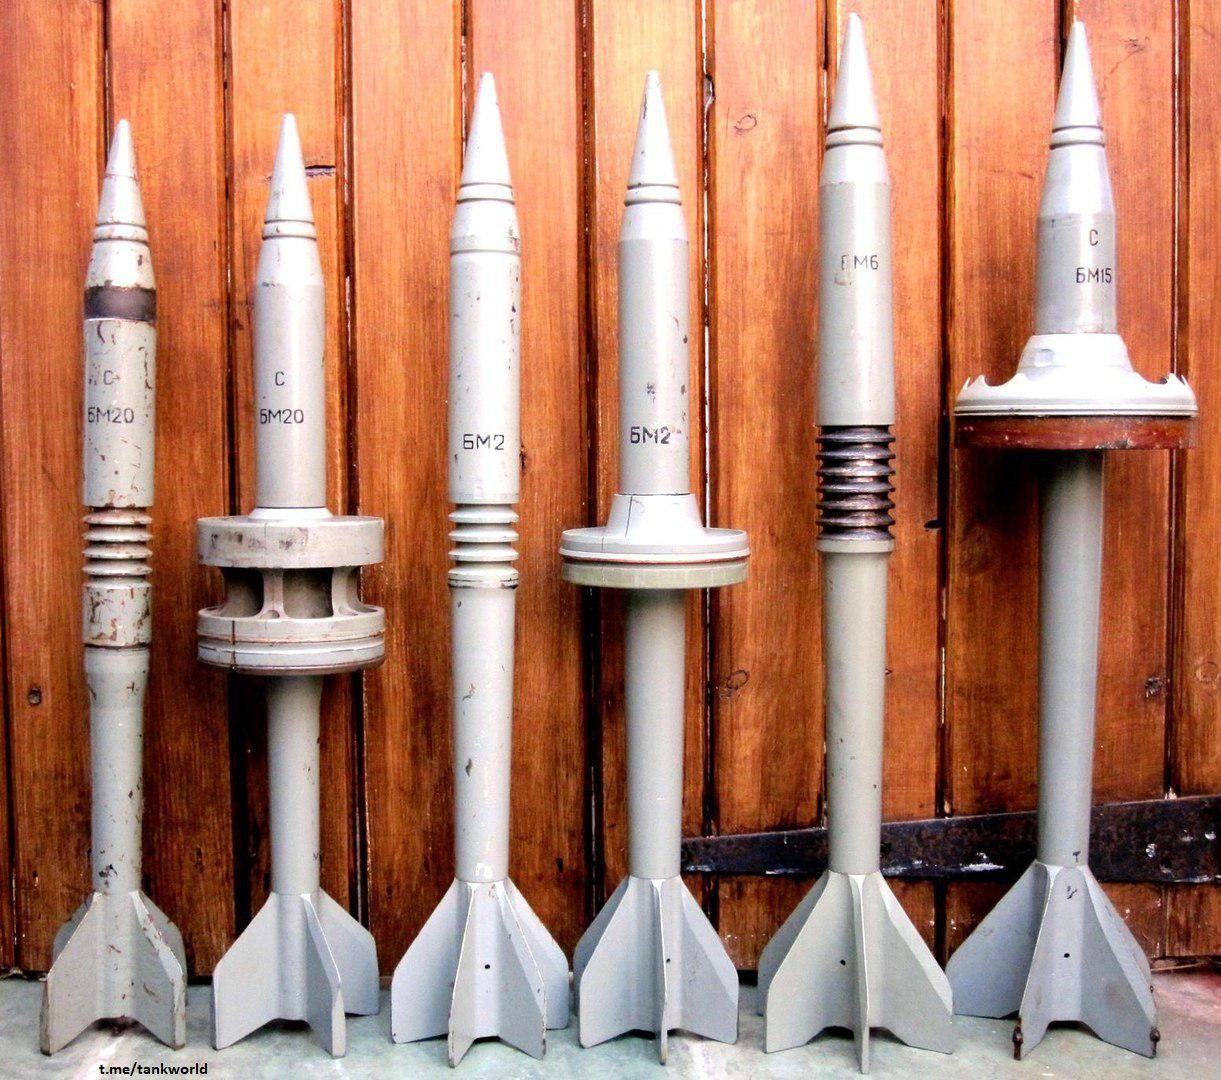 застройщика современные танковые снаряды фото несложного комплекса